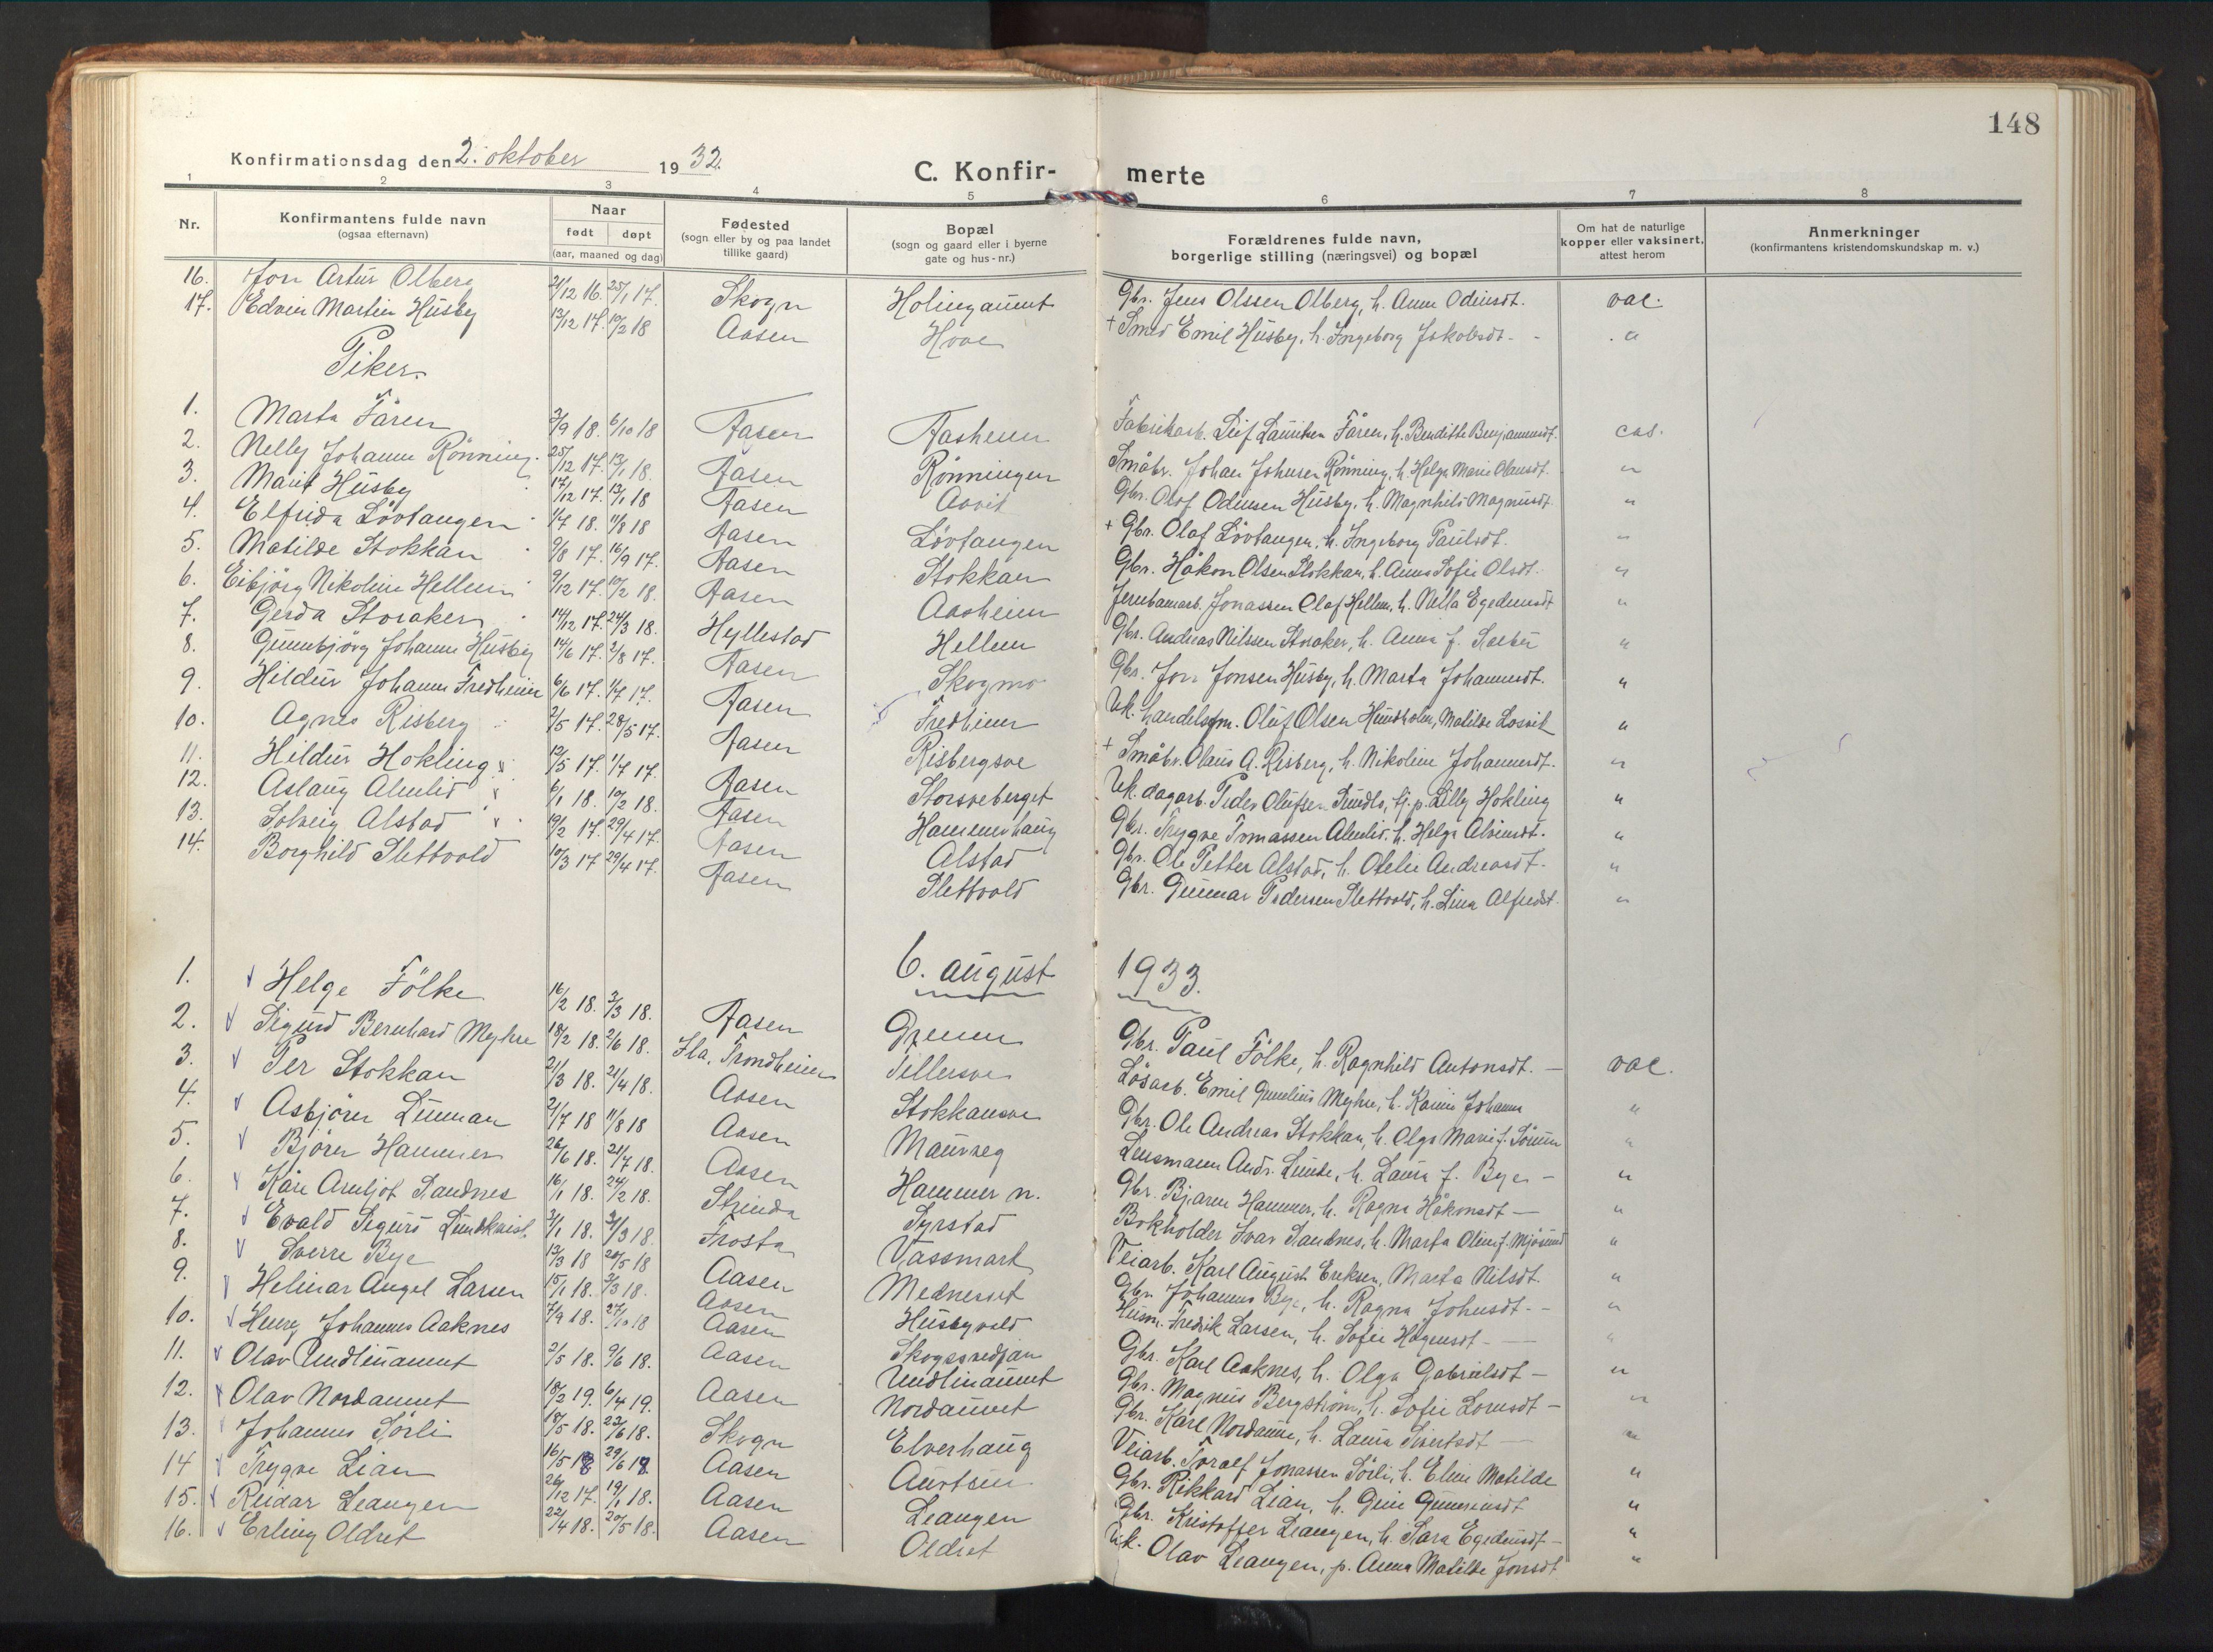 SAT, Ministerialprotokoller, klokkerbøker og fødselsregistre - Nord-Trøndelag, 714/L0136: Klokkerbok nr. 714C05, 1918-1957, s. 148